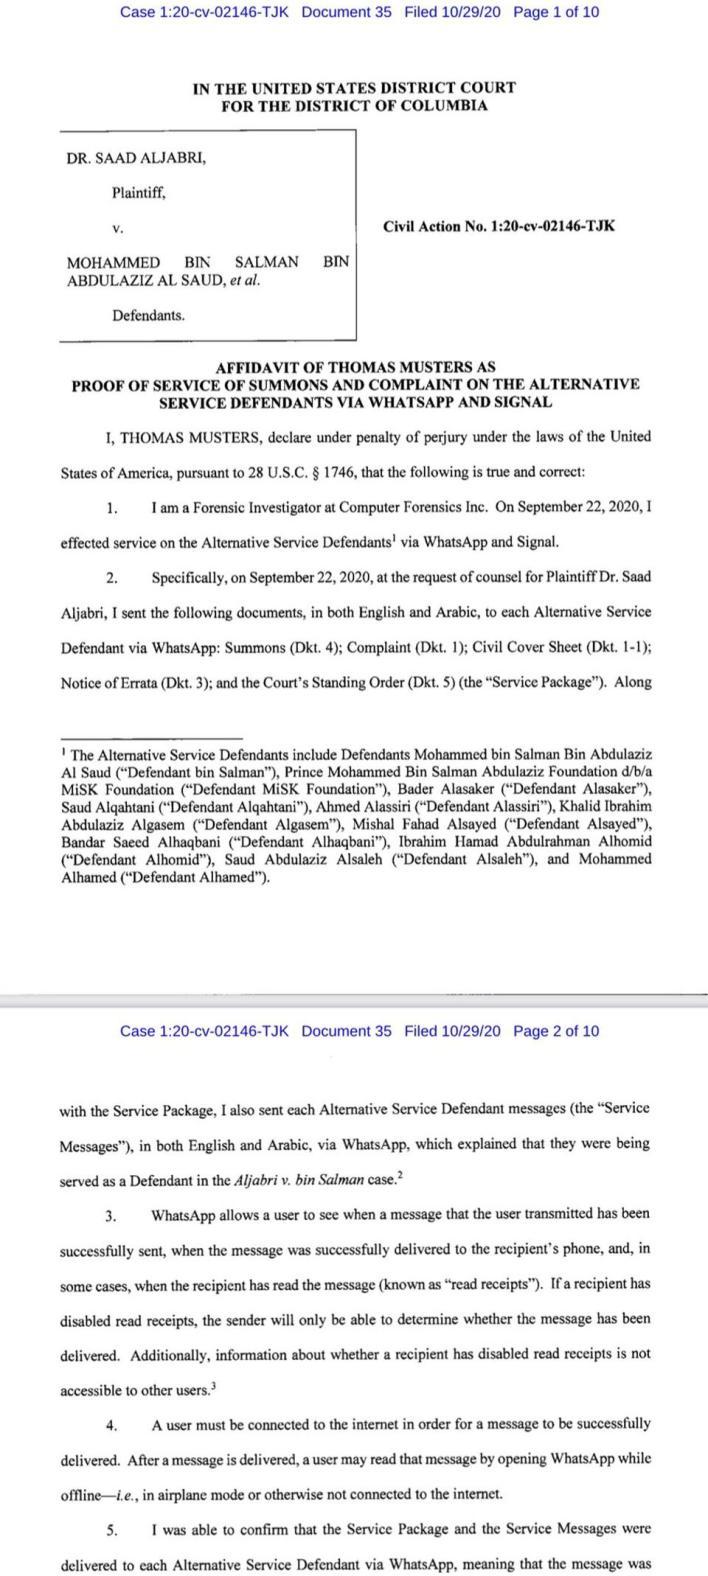 9400334 910 2027 4 10 - محكمة أمريكية تستدعي بن سلمان.. هل ينجح الجبري في ملاحقة ولي العهد السعودي؟